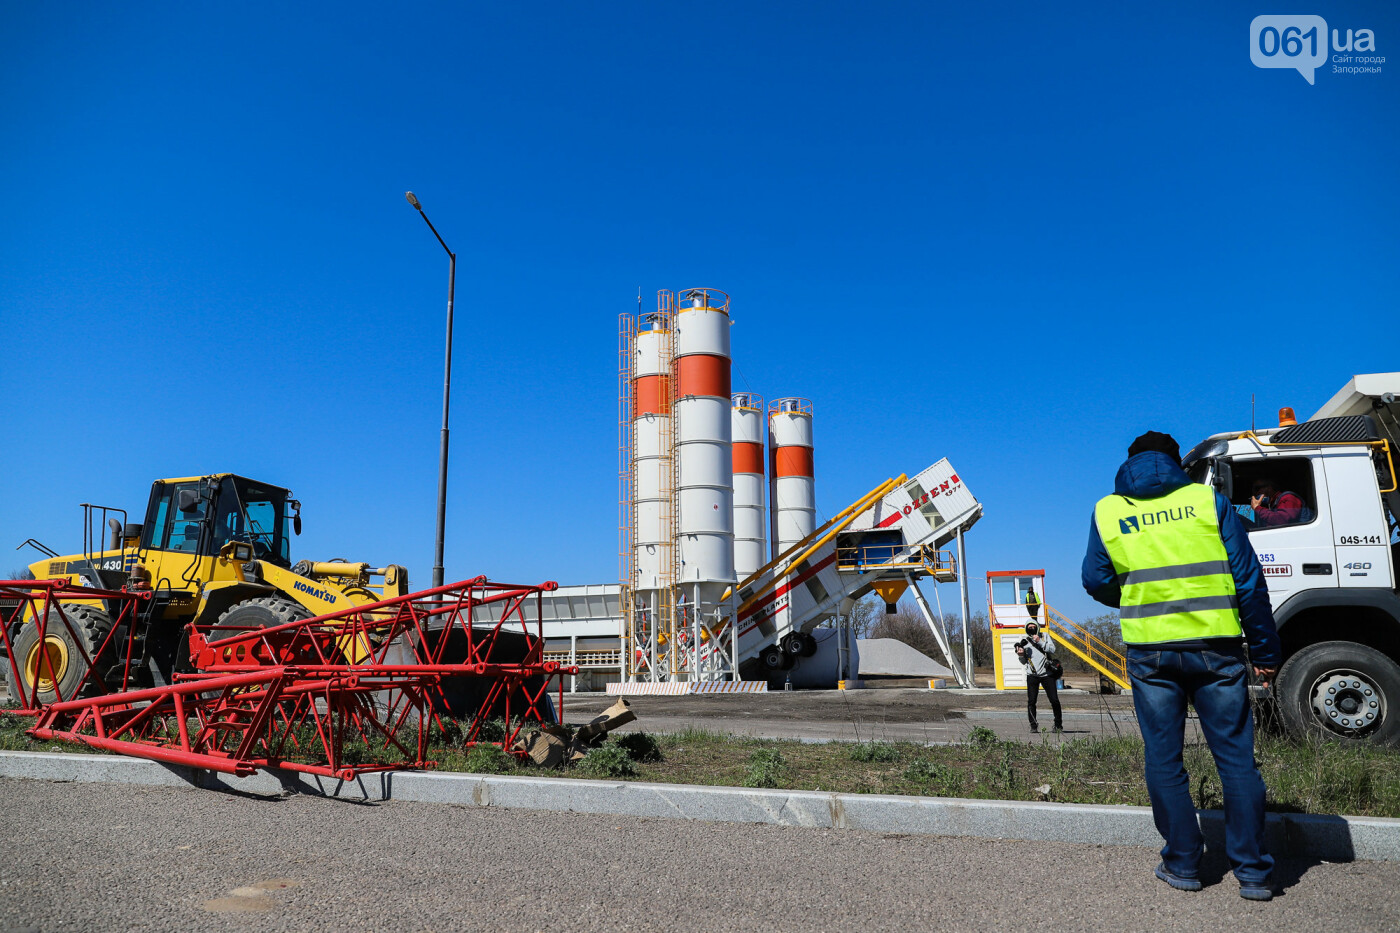 На запорожские мосты выделено 2,7 миллиарда: что сейчас проиходит стройплощадке, - ФОТОРЕПОРТАЖ, фото-15